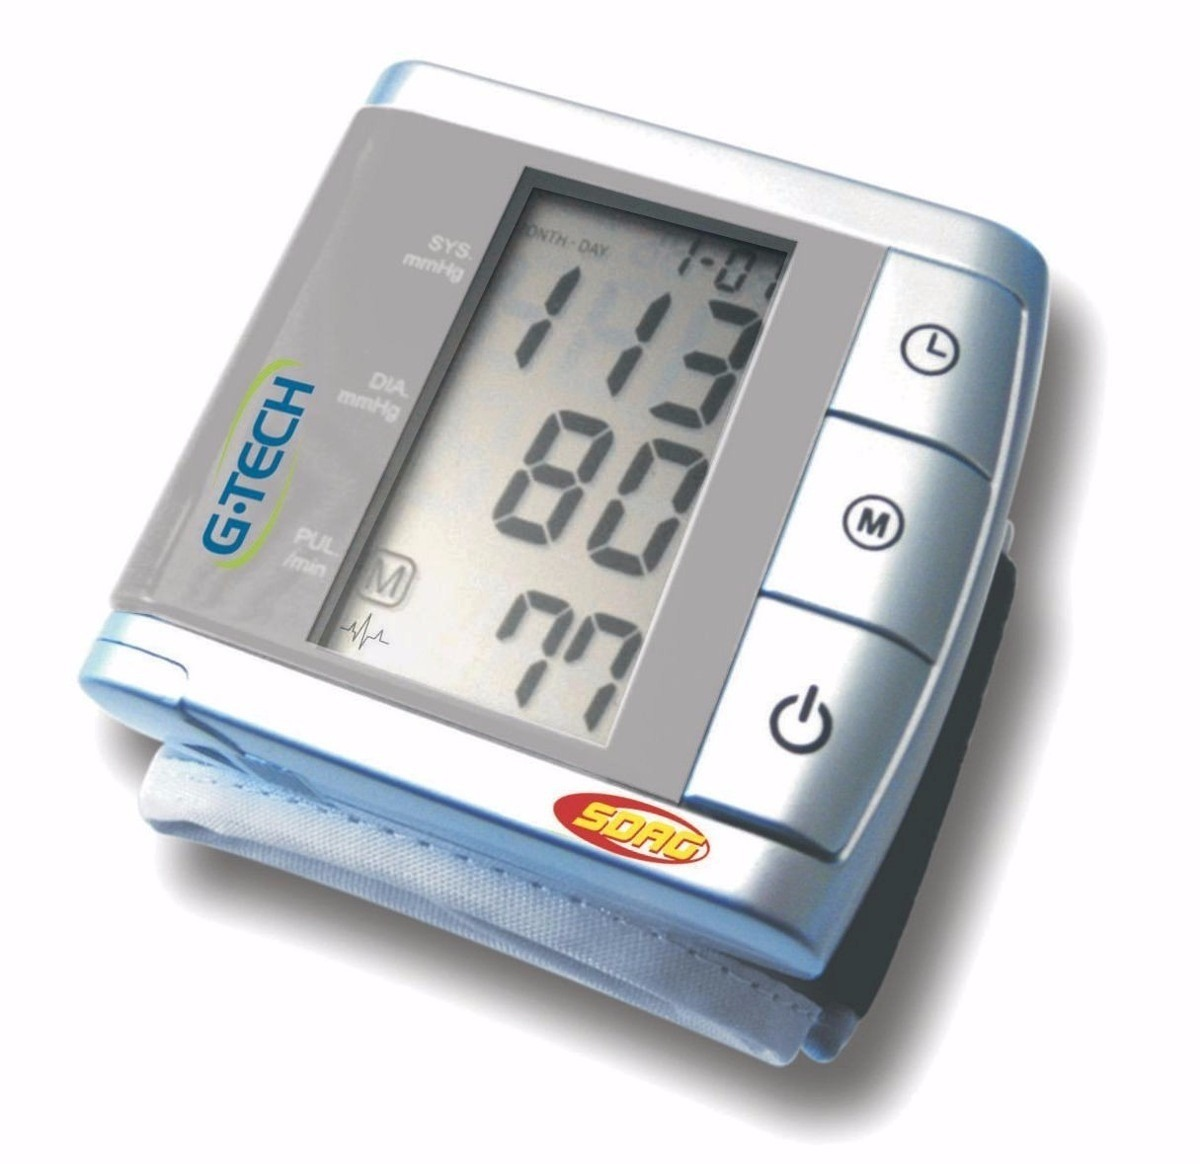 Aparelho Medidor Pressão Digital Pulso Bp3bk1 G tech Master R$ 149  #44617D 1200x1164 Balança Digital Para Banheiro G Tech